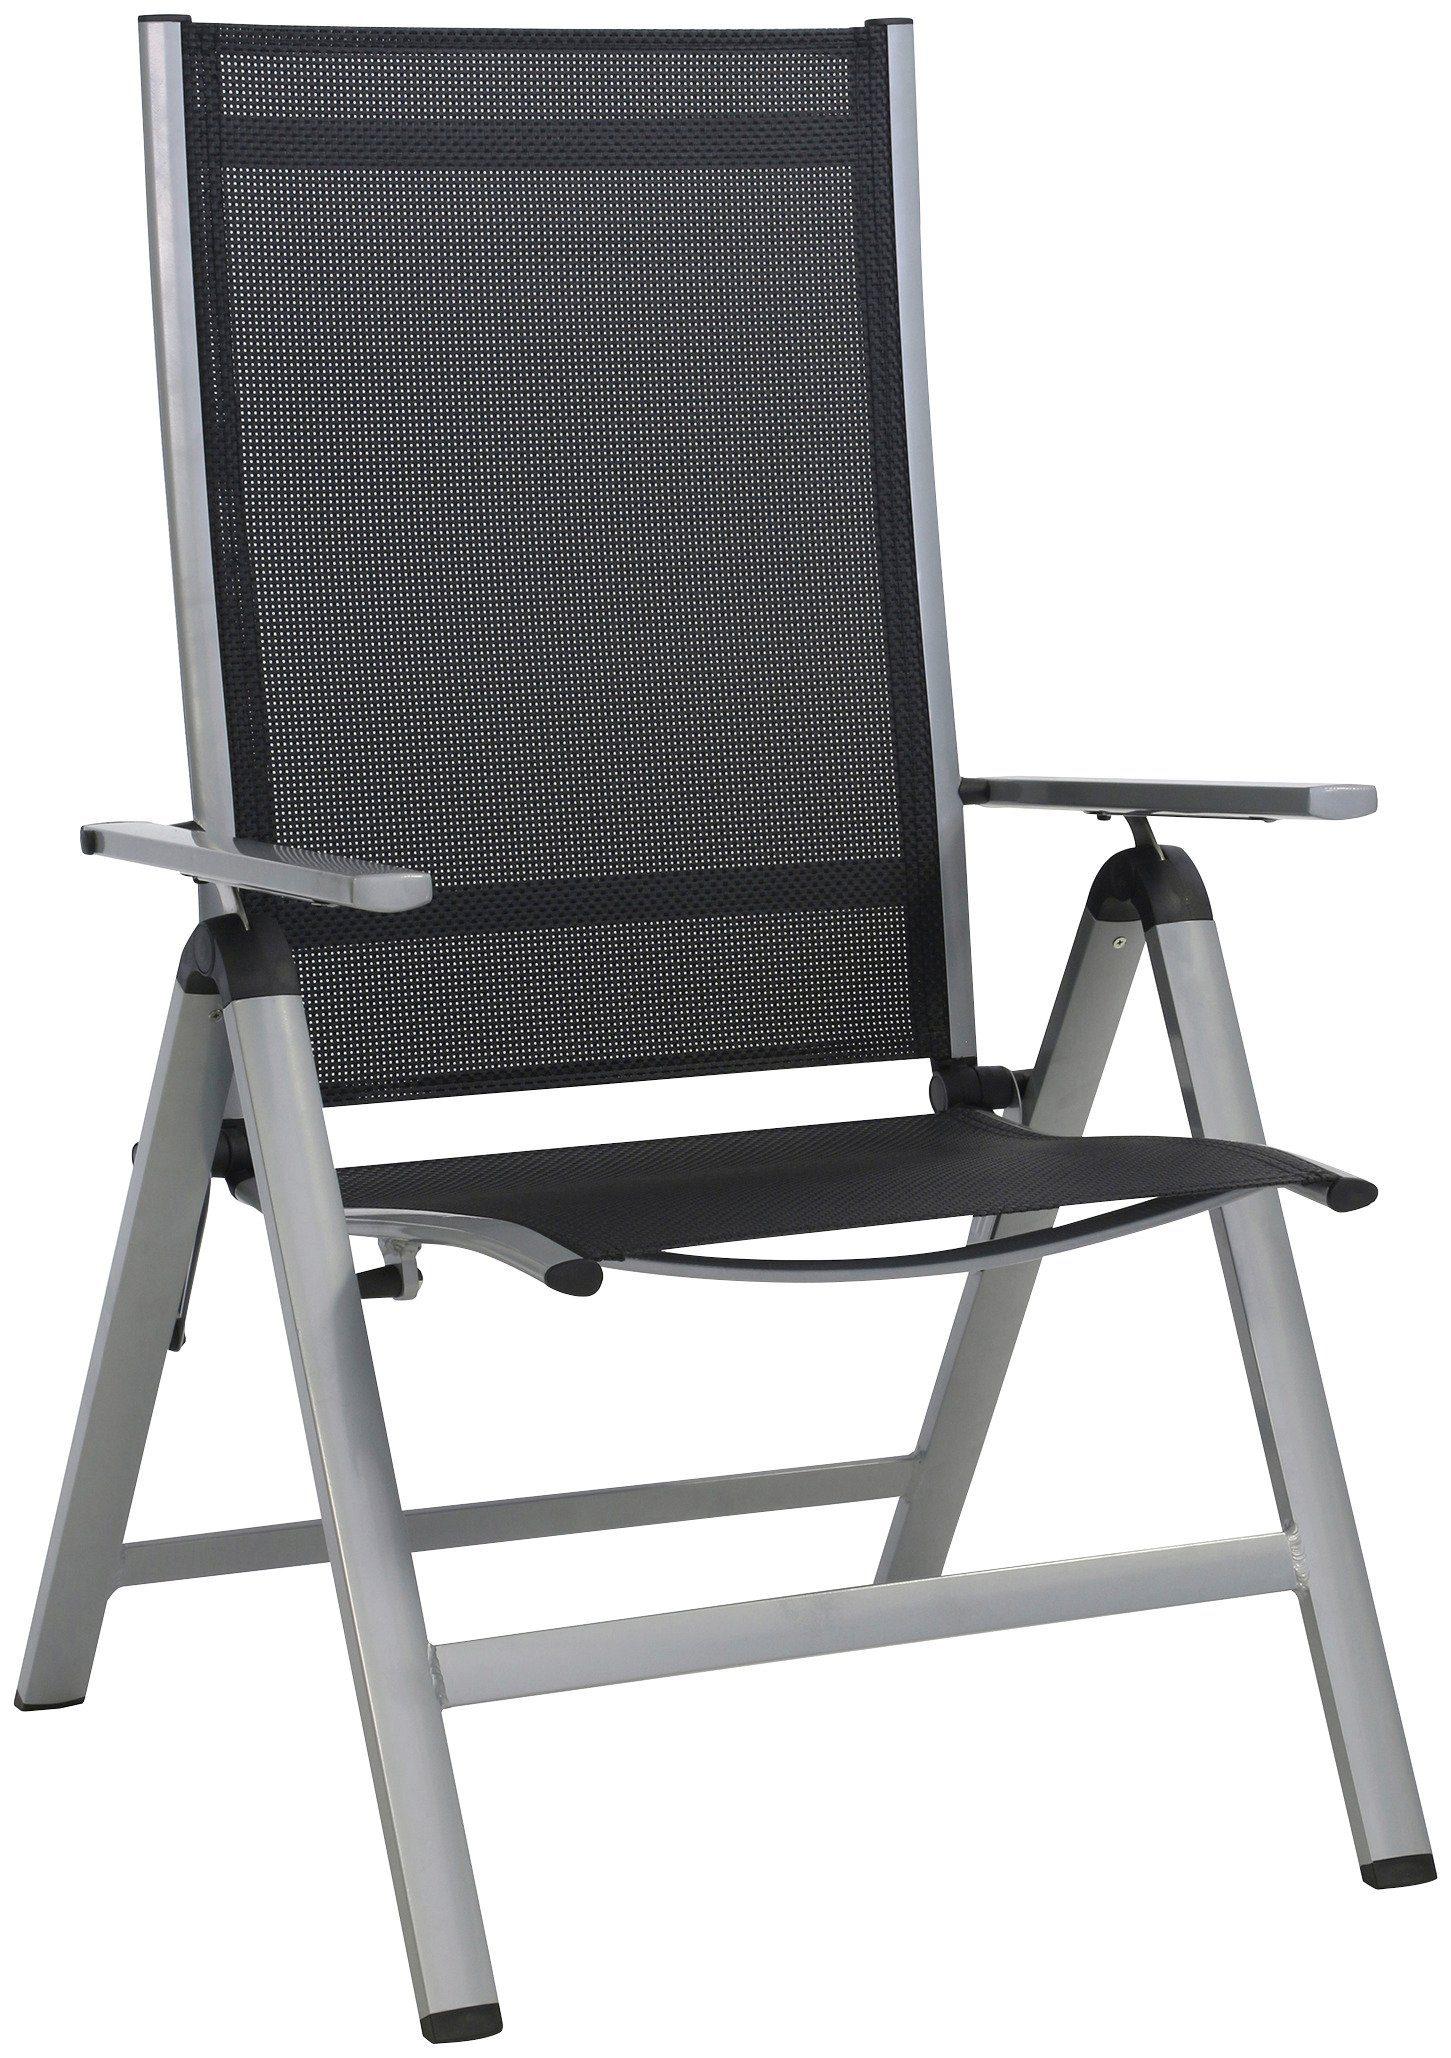 Neu Gartenstühle online kaufen » Gartensessel | OTTO MG74